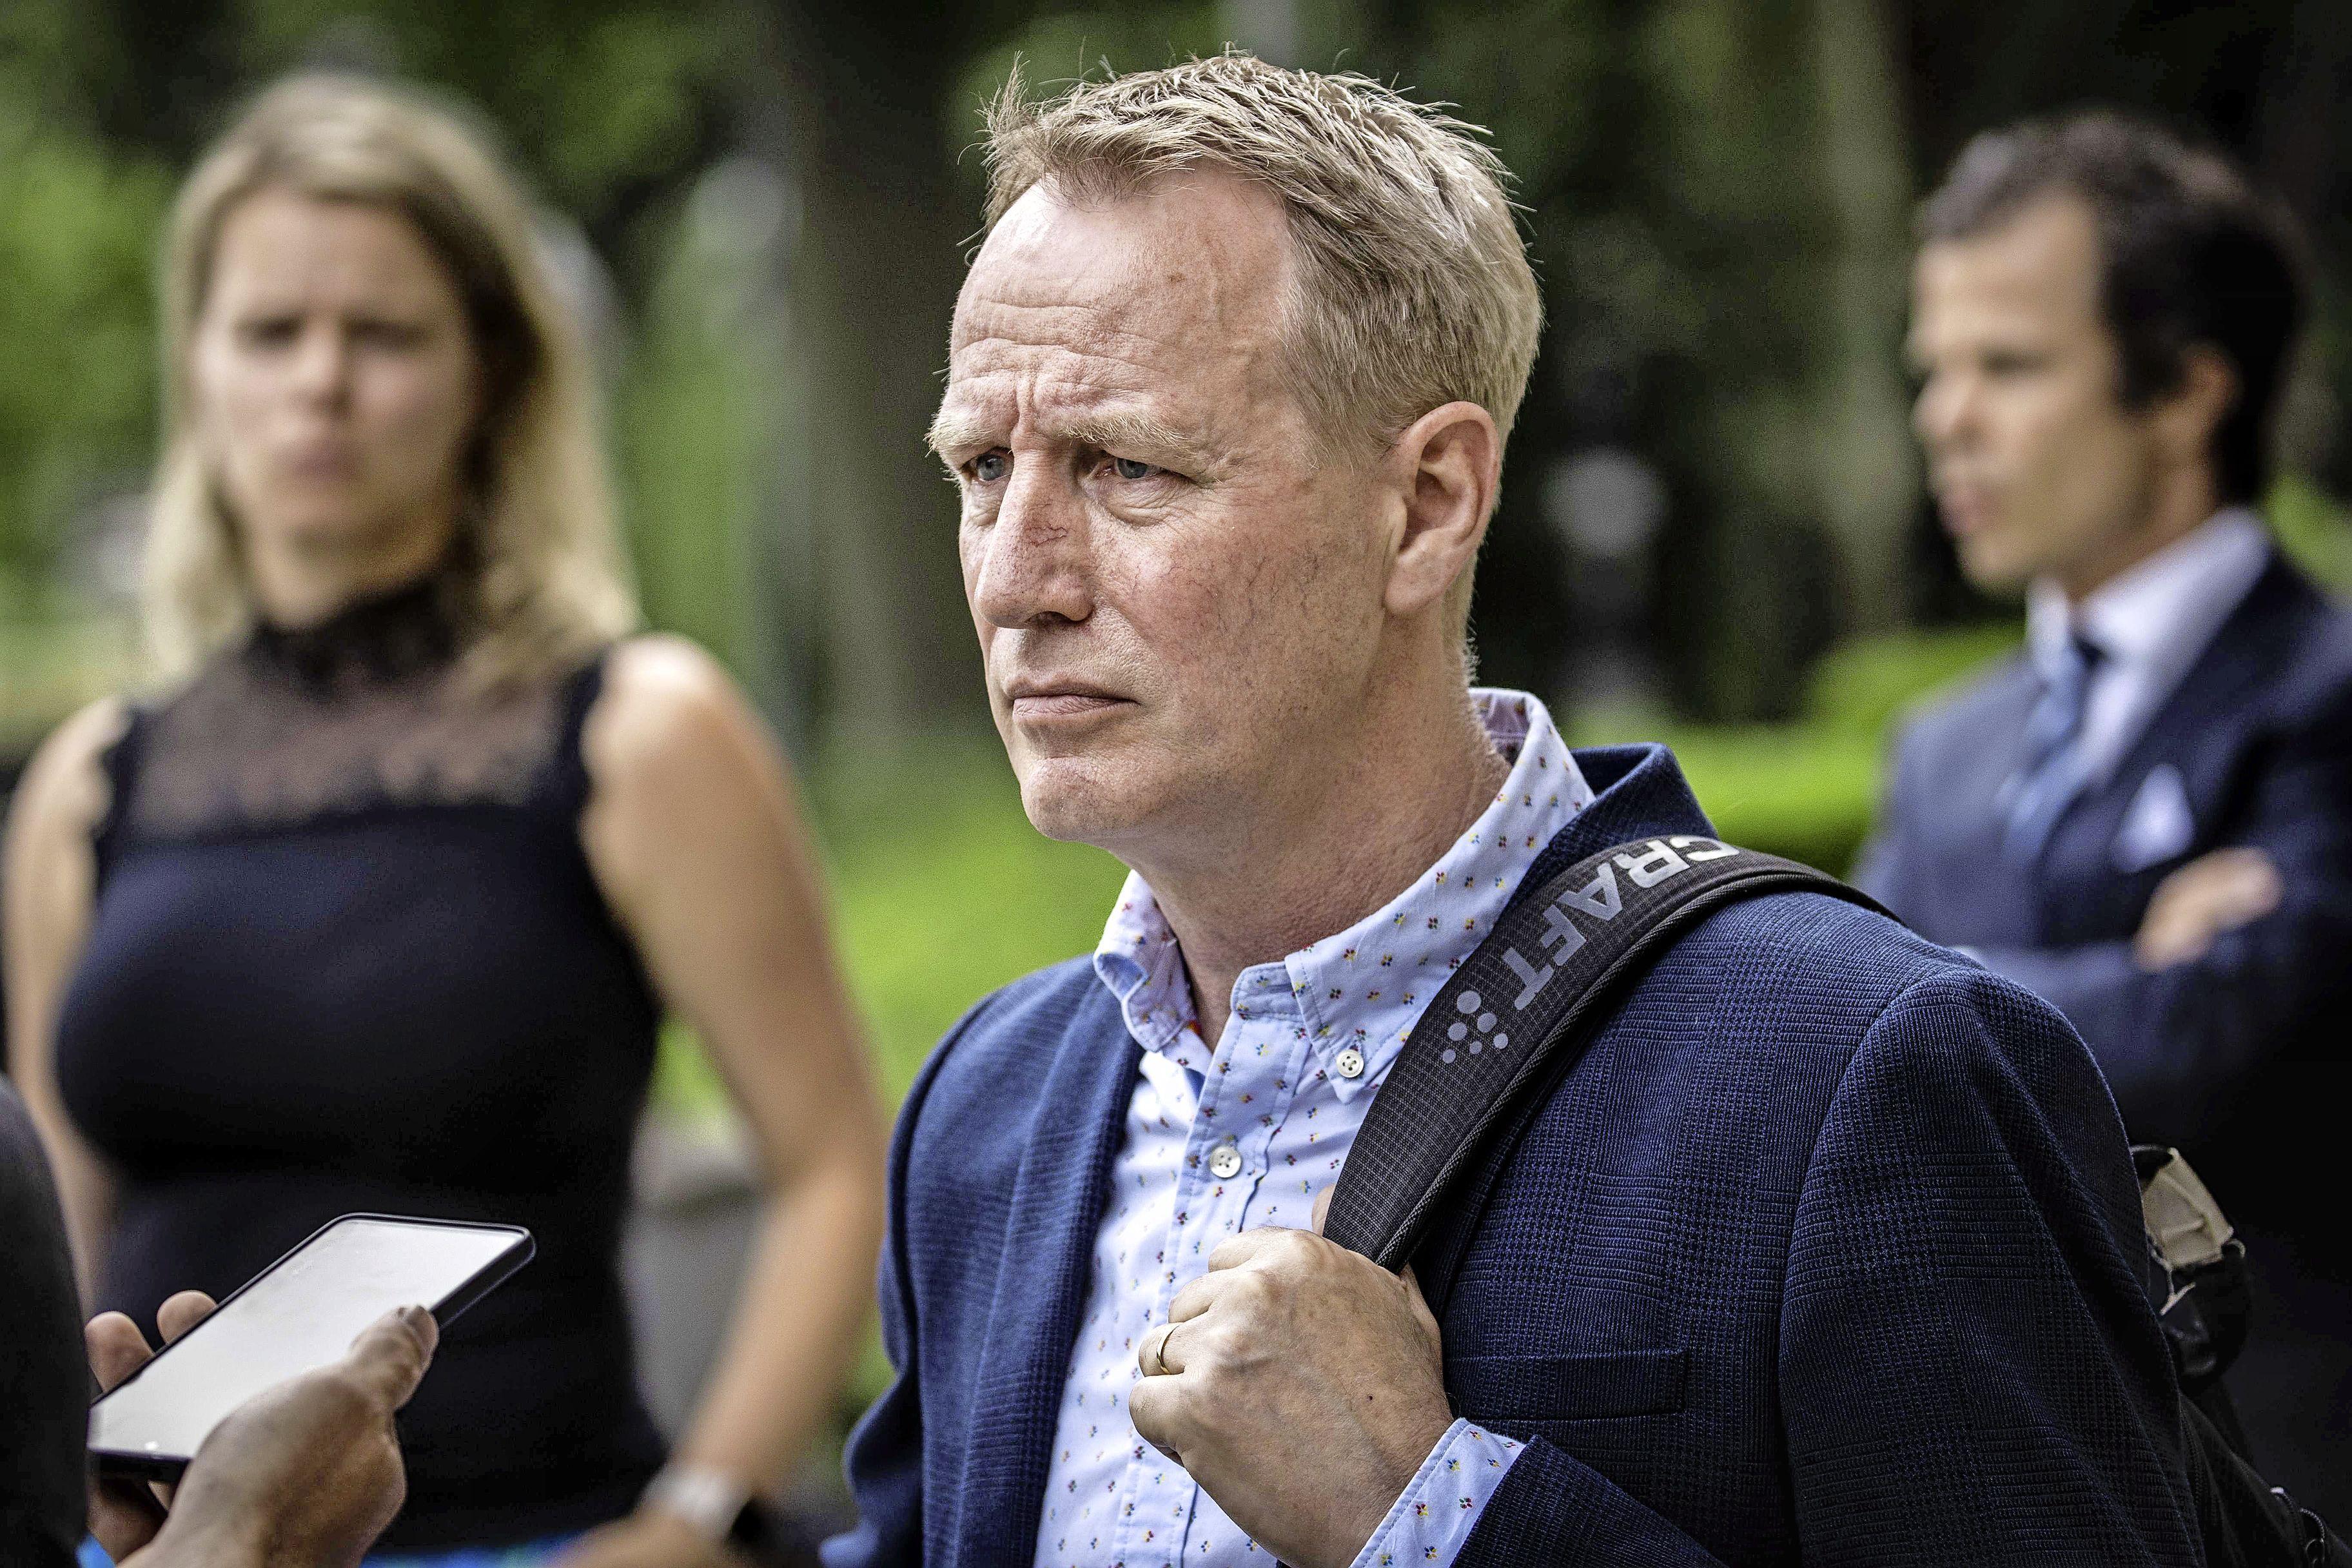 Mag omstreden turncoach Wevers dan toch naar de Spelen? Gerechtshof doet woensdag uitspraak in hoger beroep